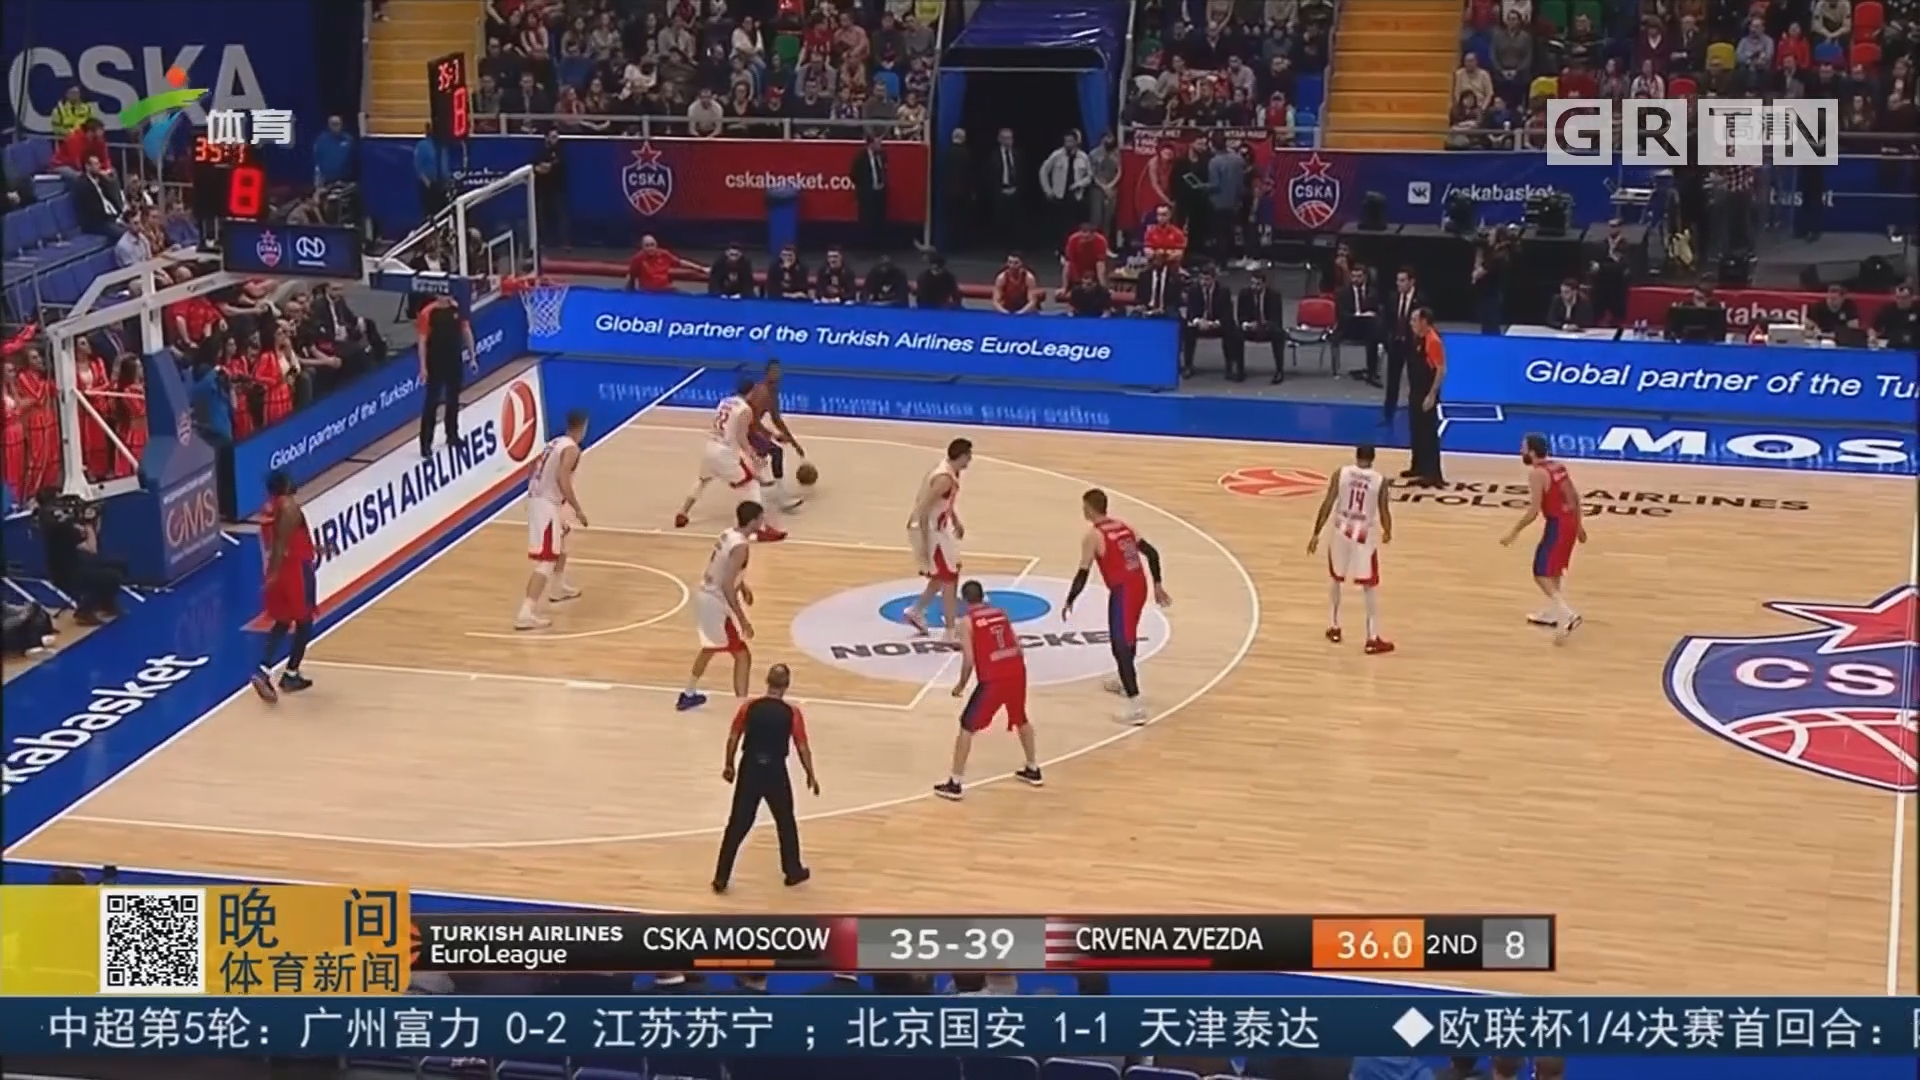 欧洲篮球冠军联赛常规赛收官 莫斯科中央陆军锁定第一